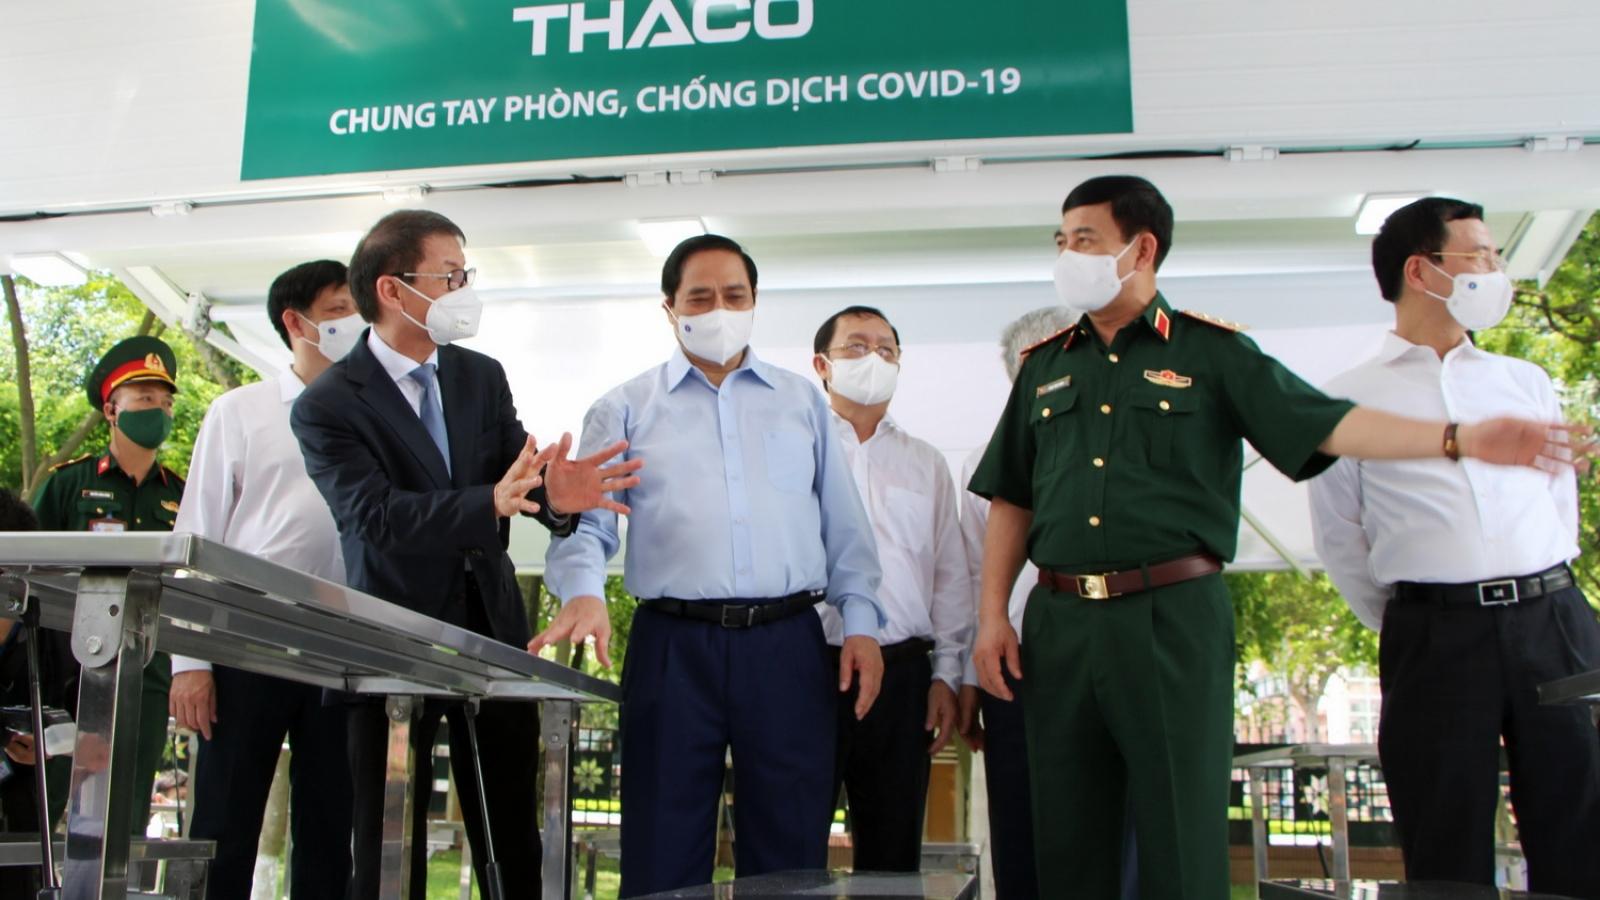 THACO sản xuất và trao tặng 126 xe vận chuyển vaccine và tiêm chủng lưu động